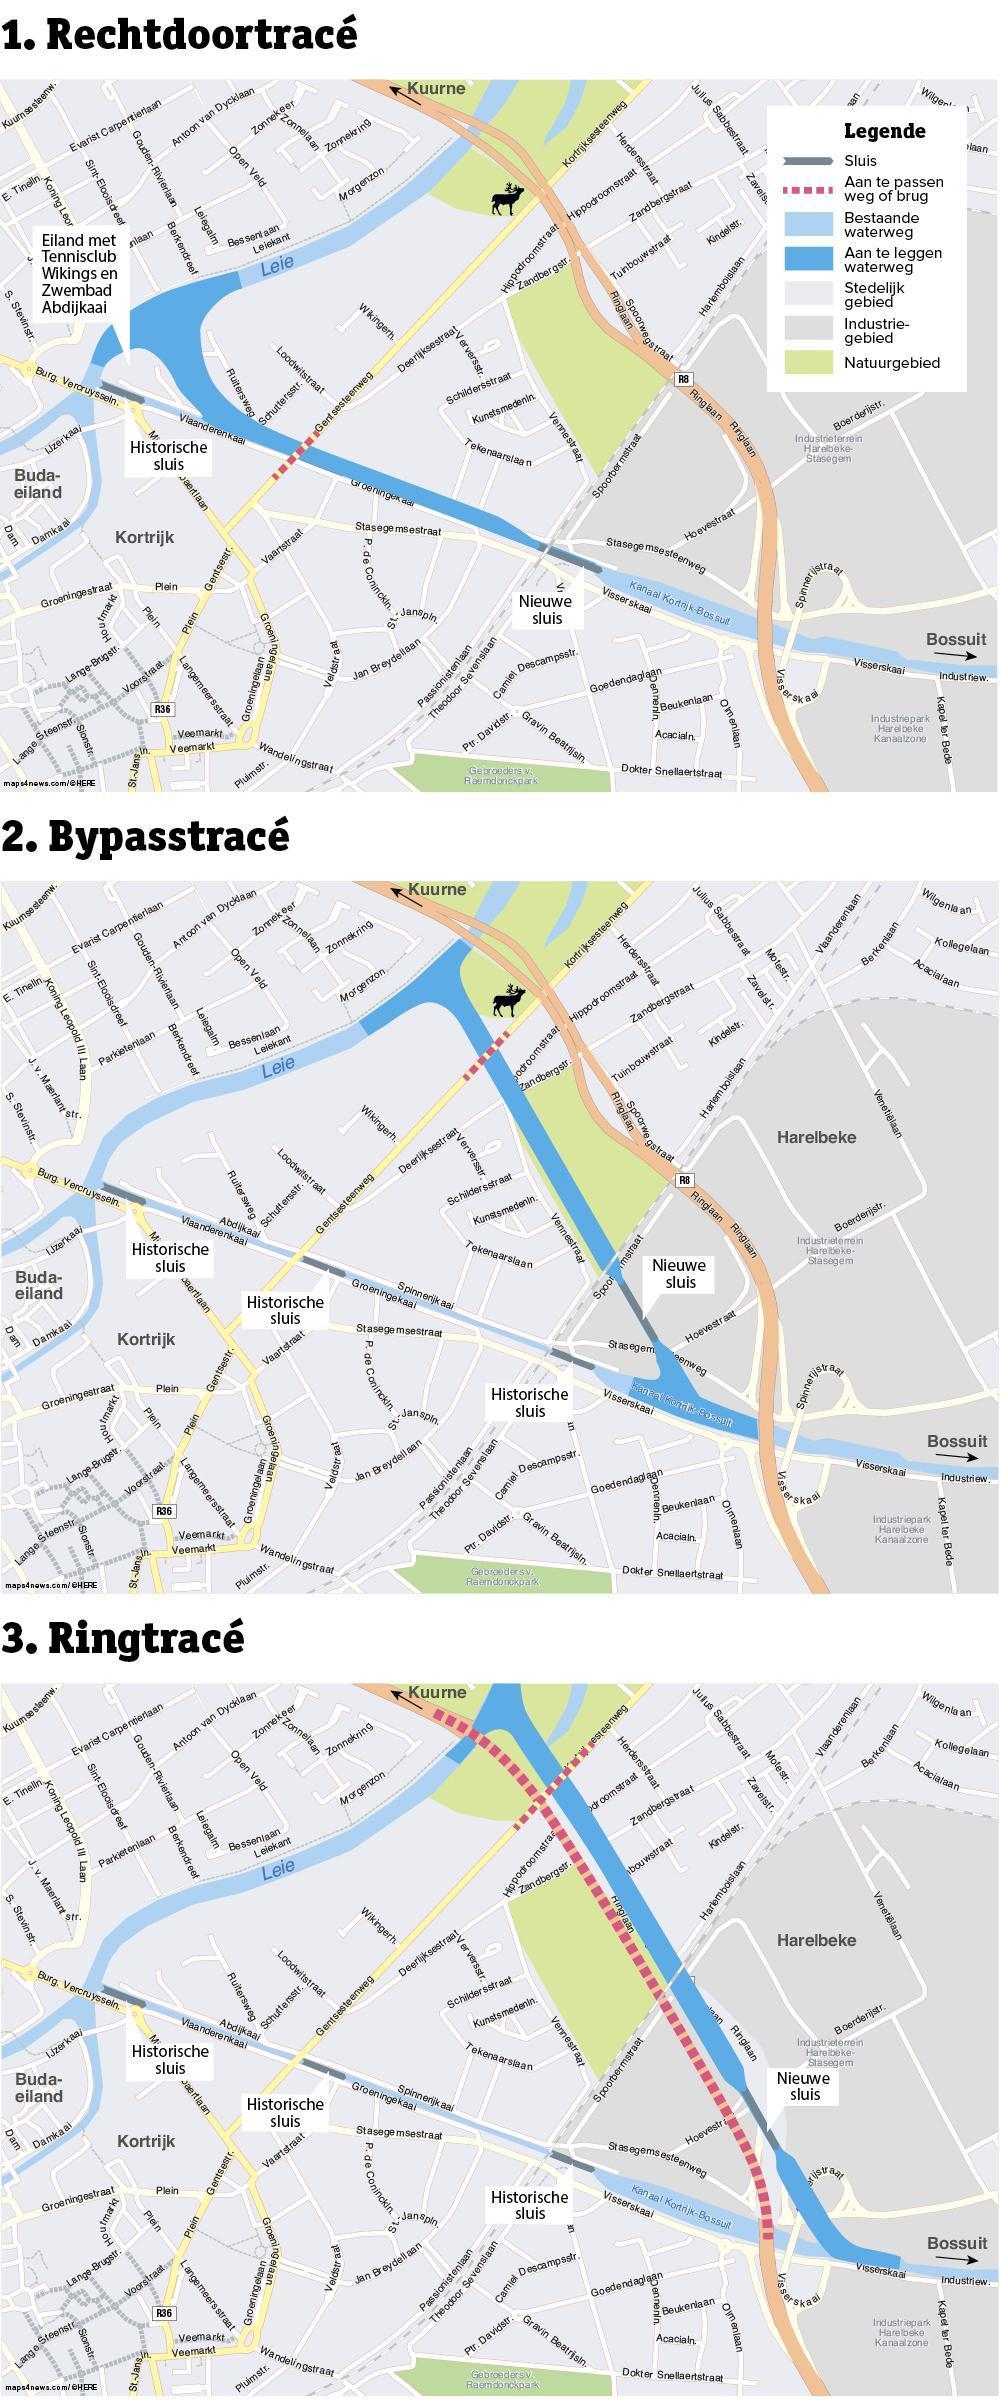 Rechtdoortracé: Het bestaande stuk wordt breder en dieper en de drie historische sluizen worden vervangen door één grote sluis, die het niveauverschil in één keer overbrugt.Bypasstracé: Er wordt een nieuw kanaal gegraven dat zoveel mogelijk de dichte bebouwing vermijdt. Hierdoor komt het kanaal in de deels open ruimte, waar onder andere de Venning ligt. Op de Gentsesteenweg komt een brug over het kanaal. De sluizen blijven behouden. Voor de R8 heeft dit tracé geen gevolgen.Ringtracé: De vaarweg én het stuk van de R8 kunnen samen ontworpen worden. De nieuwe infrastructuur kan dus zoveel mogelijk op elkaar worden afgestemd. Er is sprake van een tunnel, de sluis wordt in het nieuwe stuk kanaal gebouwd. De oude sluizen blijven.